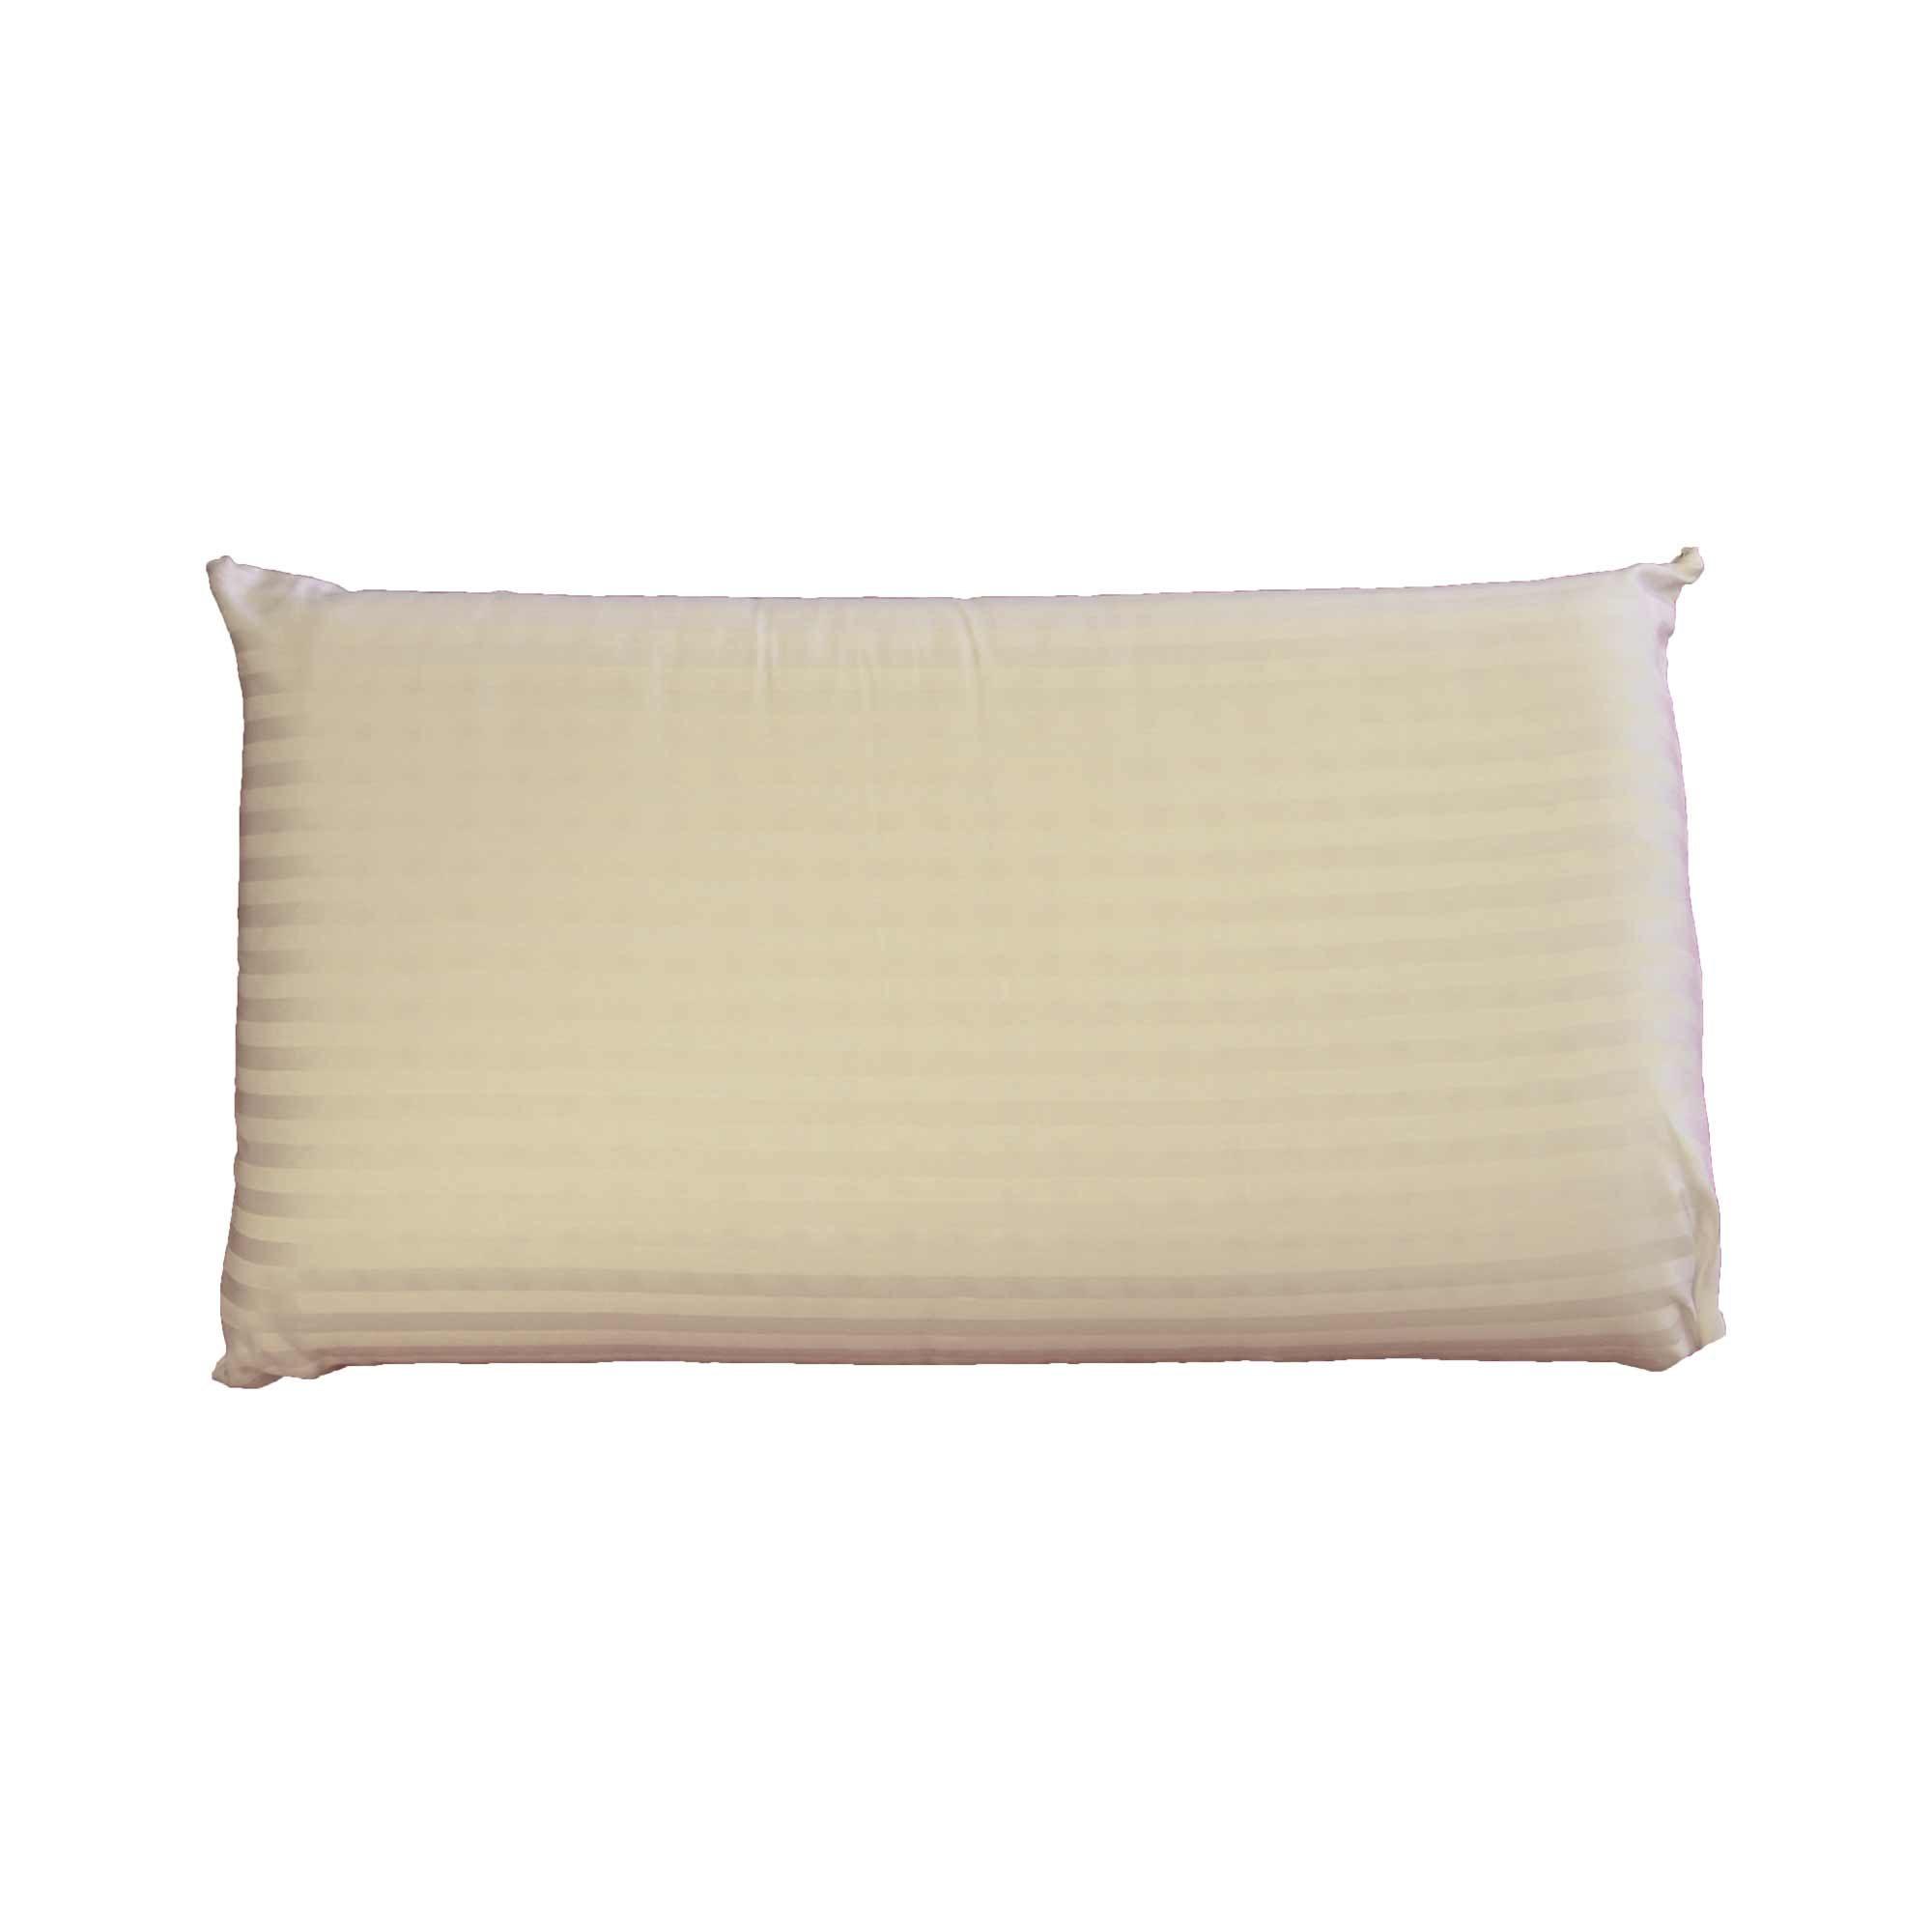 comprar almohada de latex por internet